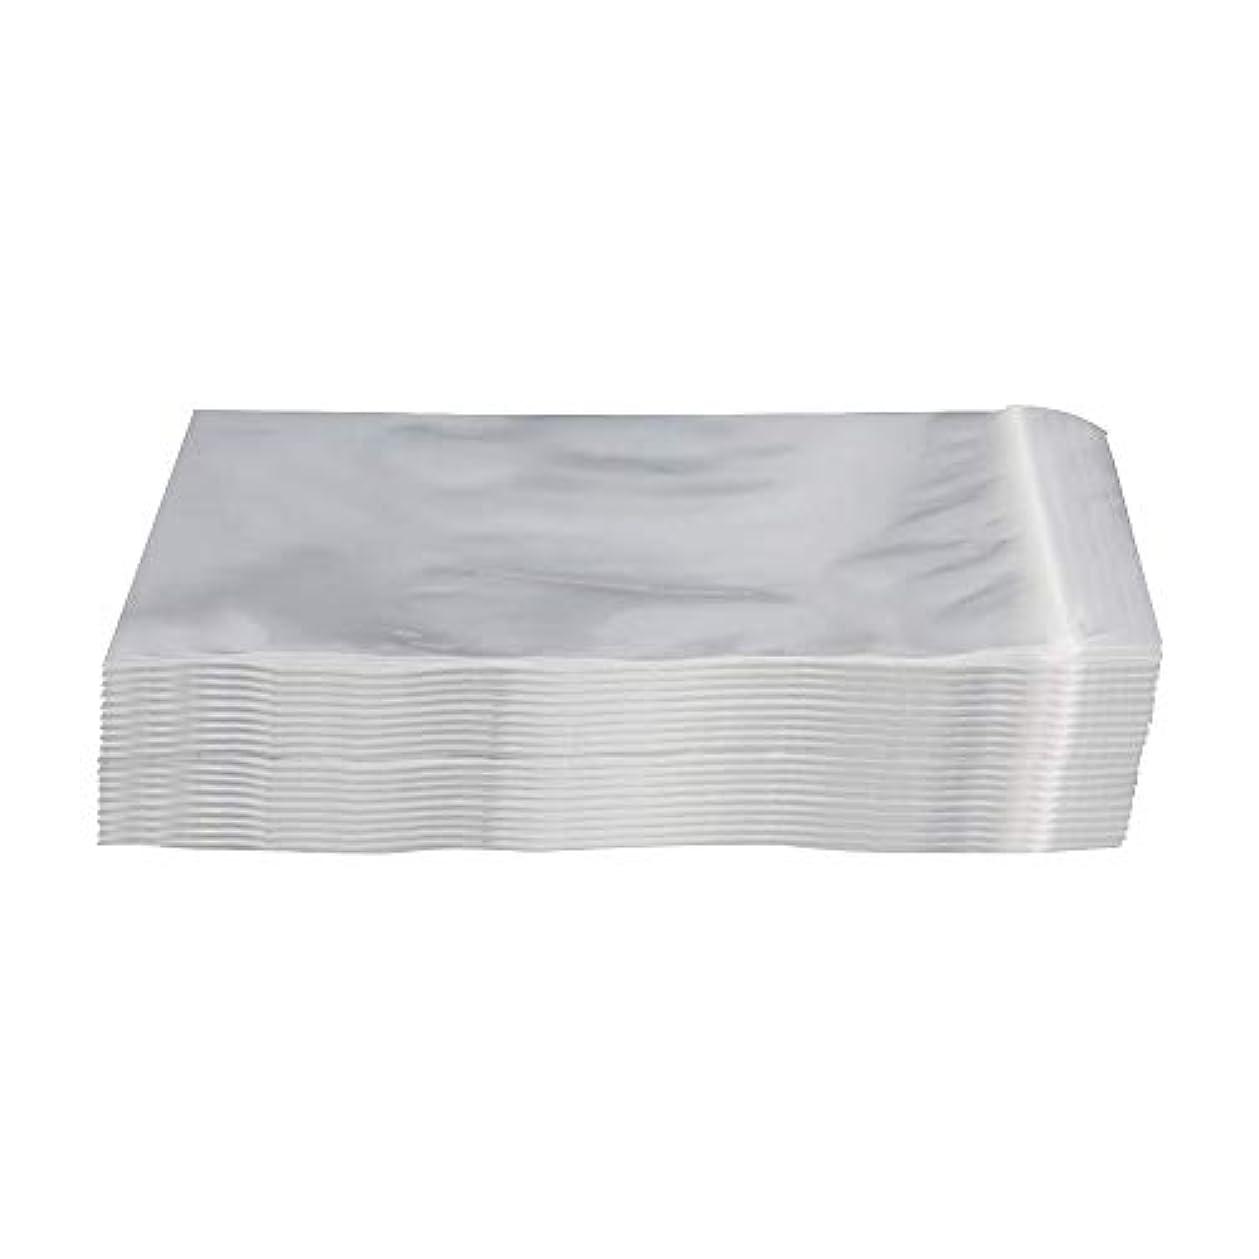 着飾る親愛な蒸200枚セット 保存用ポリ袋 小分け袋 小わざ袋チャック付きポリ袋